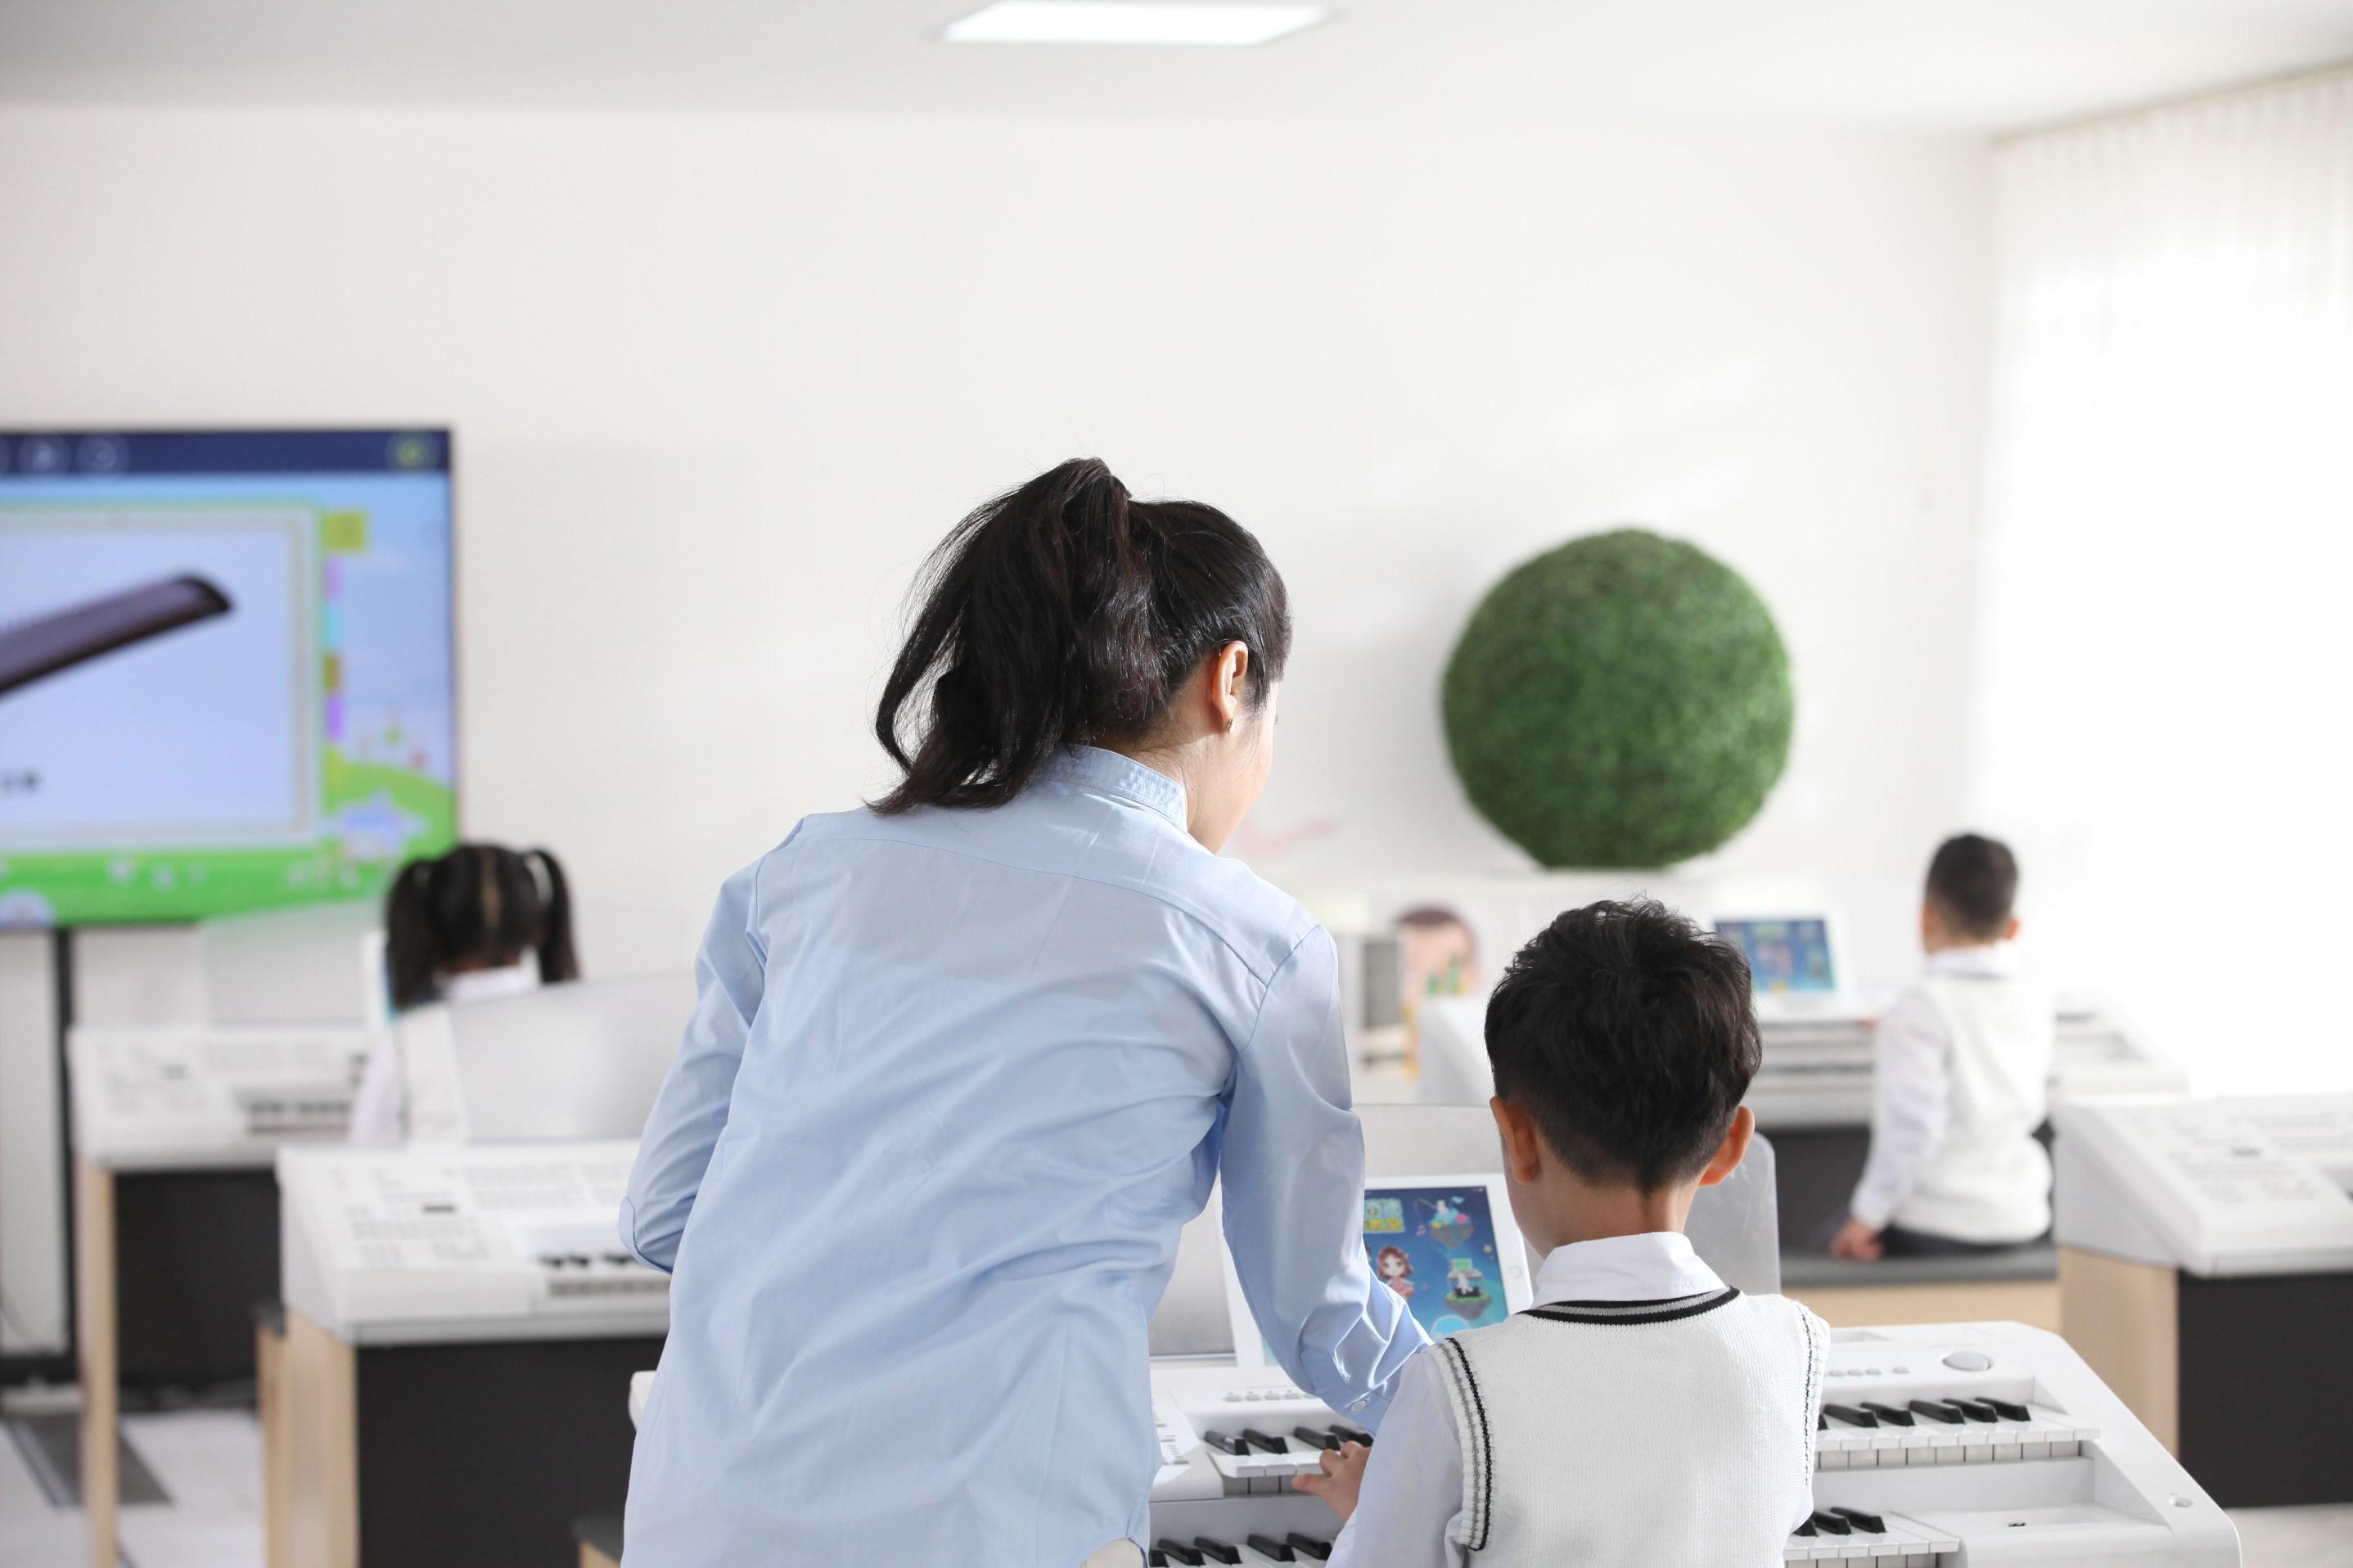 双排键老师如何提高自己班级的续费率?